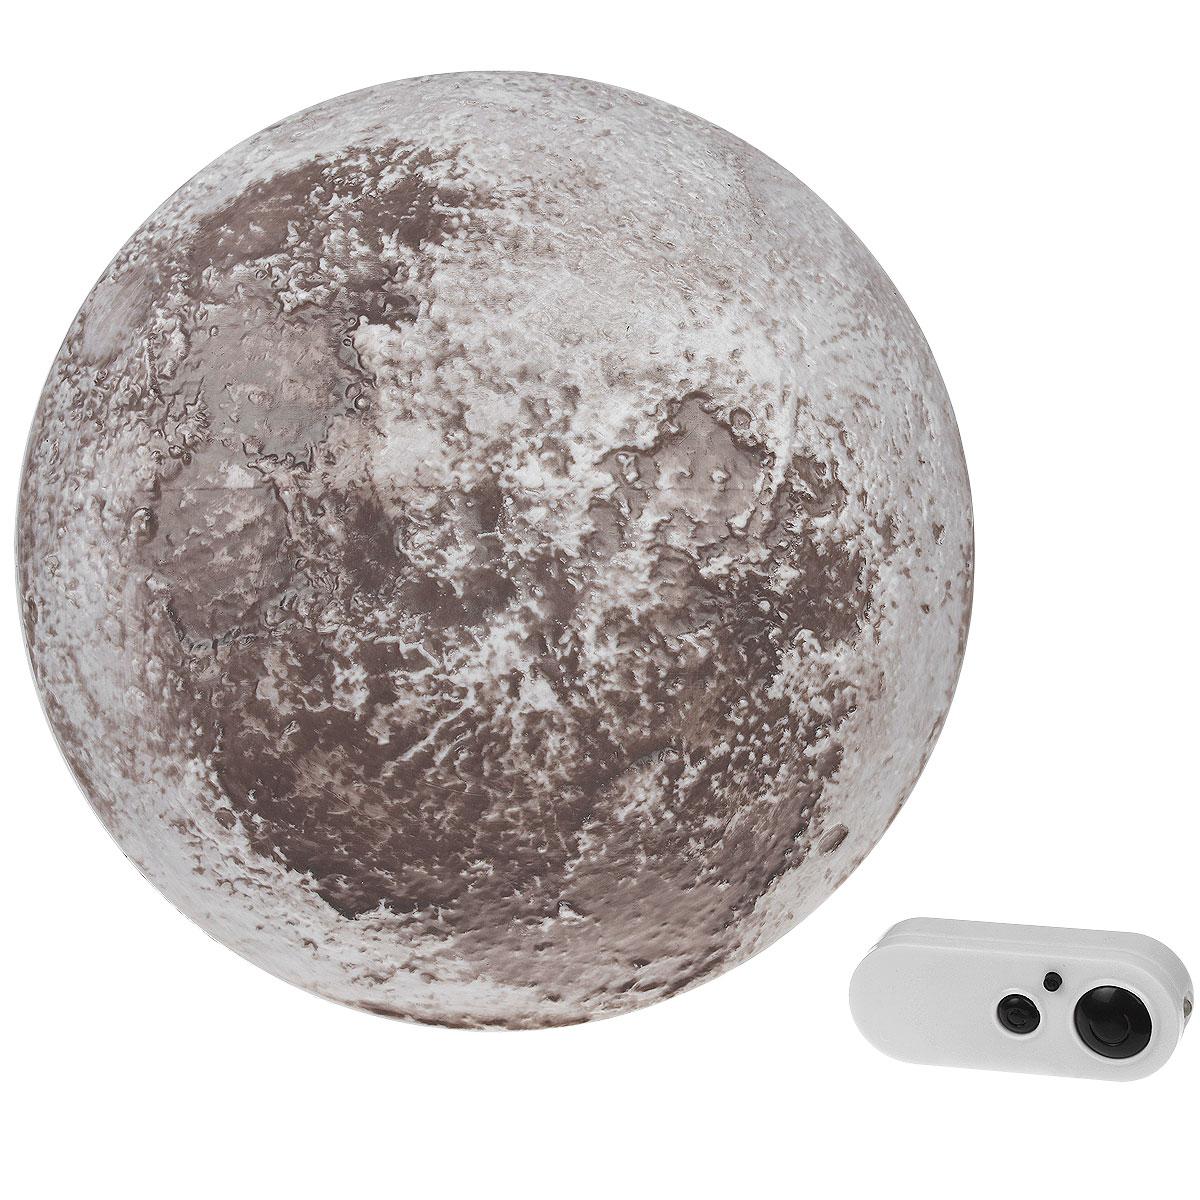 Ночник Bradex Лунный светDE 0061Засыпайте под мягкий серебристый свет луны даже в самую плохую погоду с высокотехнологичным ночником Лунный свет. Для ребенка интересная лампа станет увлекательным пособием - дизайнеры позаботились о том, чтобы воссоздать поверхность луны. Ребенок не только сможет потрогать лунные кратеры, но и наблюдать за тем, как сменяются различные фазы небесного тела, не вставая с кровати. Интенсивность освещения можно контролировать с помощью дистанционного управления или просто выставить один из четырех заранее запрограммированных режима работы. Если в детской спальне луна служит для образовательных целей, то в родительской оригинальный ночник создаст романтическую атмосферу и быстро настроит на отдых.